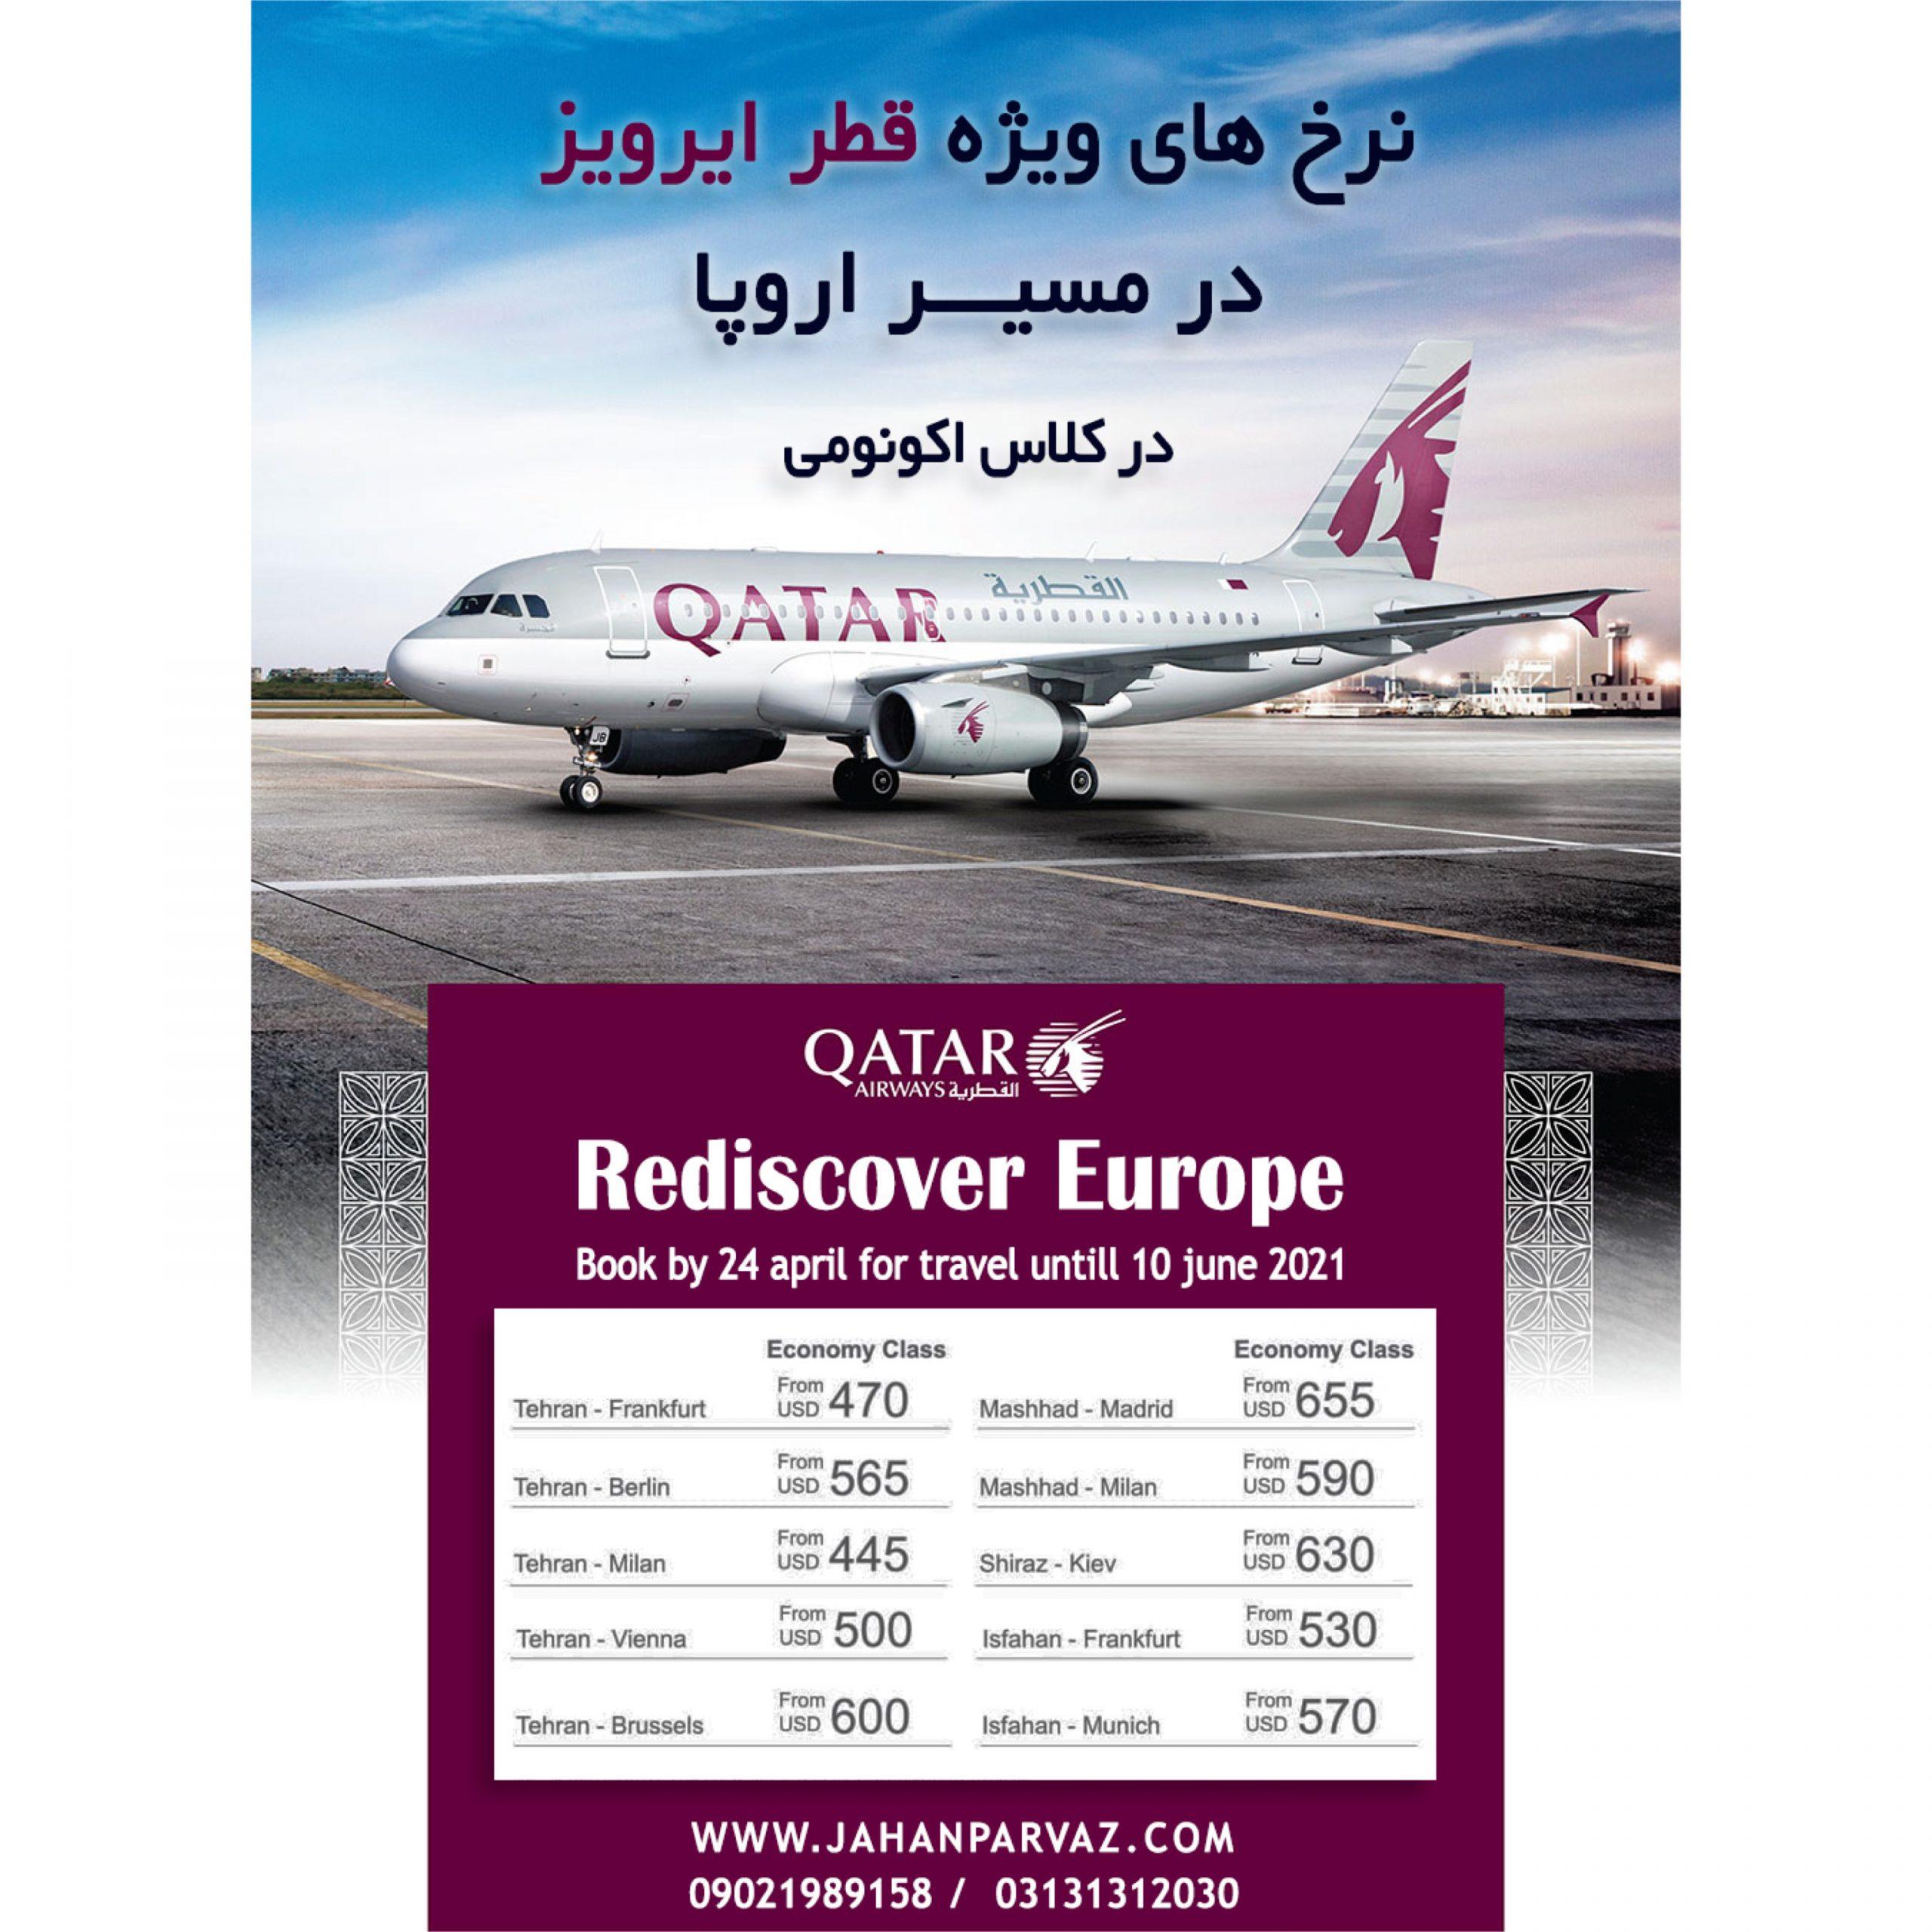 نرخ ویژه پرواز قطر ایرویز در مسیر اروپا در کلاس اکونومی